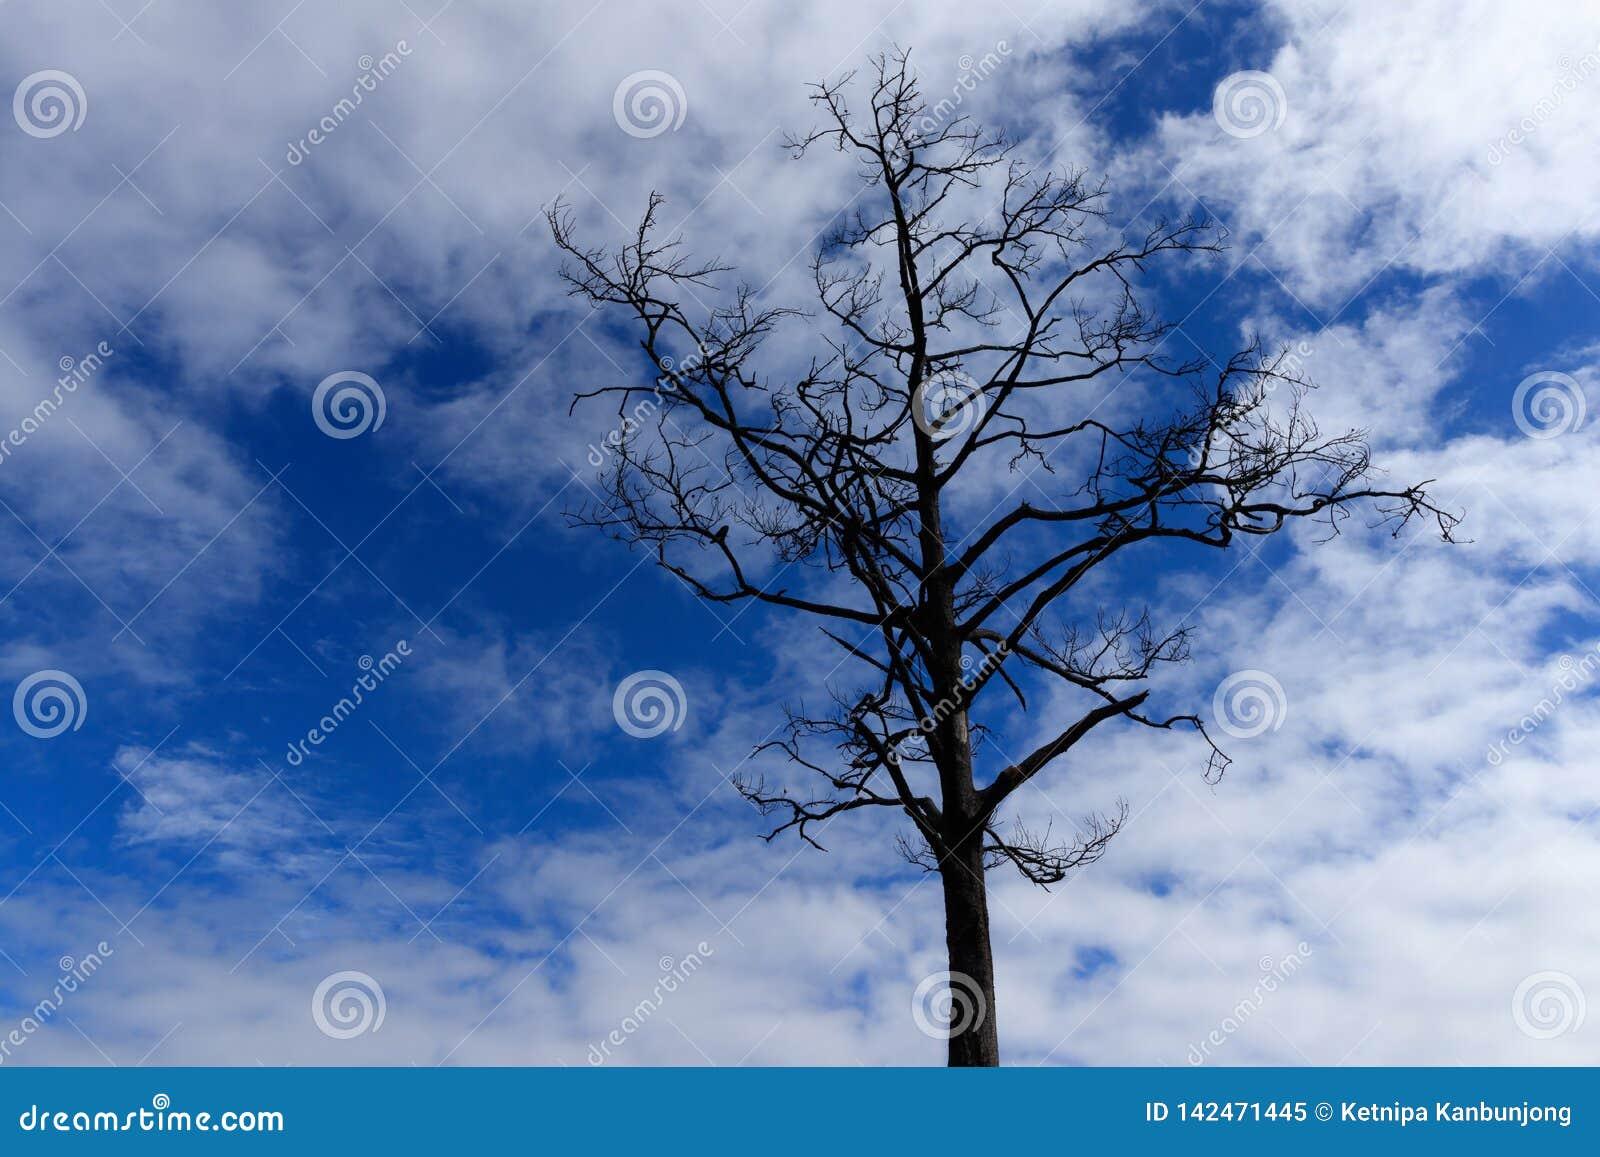 Nagi drzewo, Bezlistny drzewo, Ja jest w końcówce zima sezon